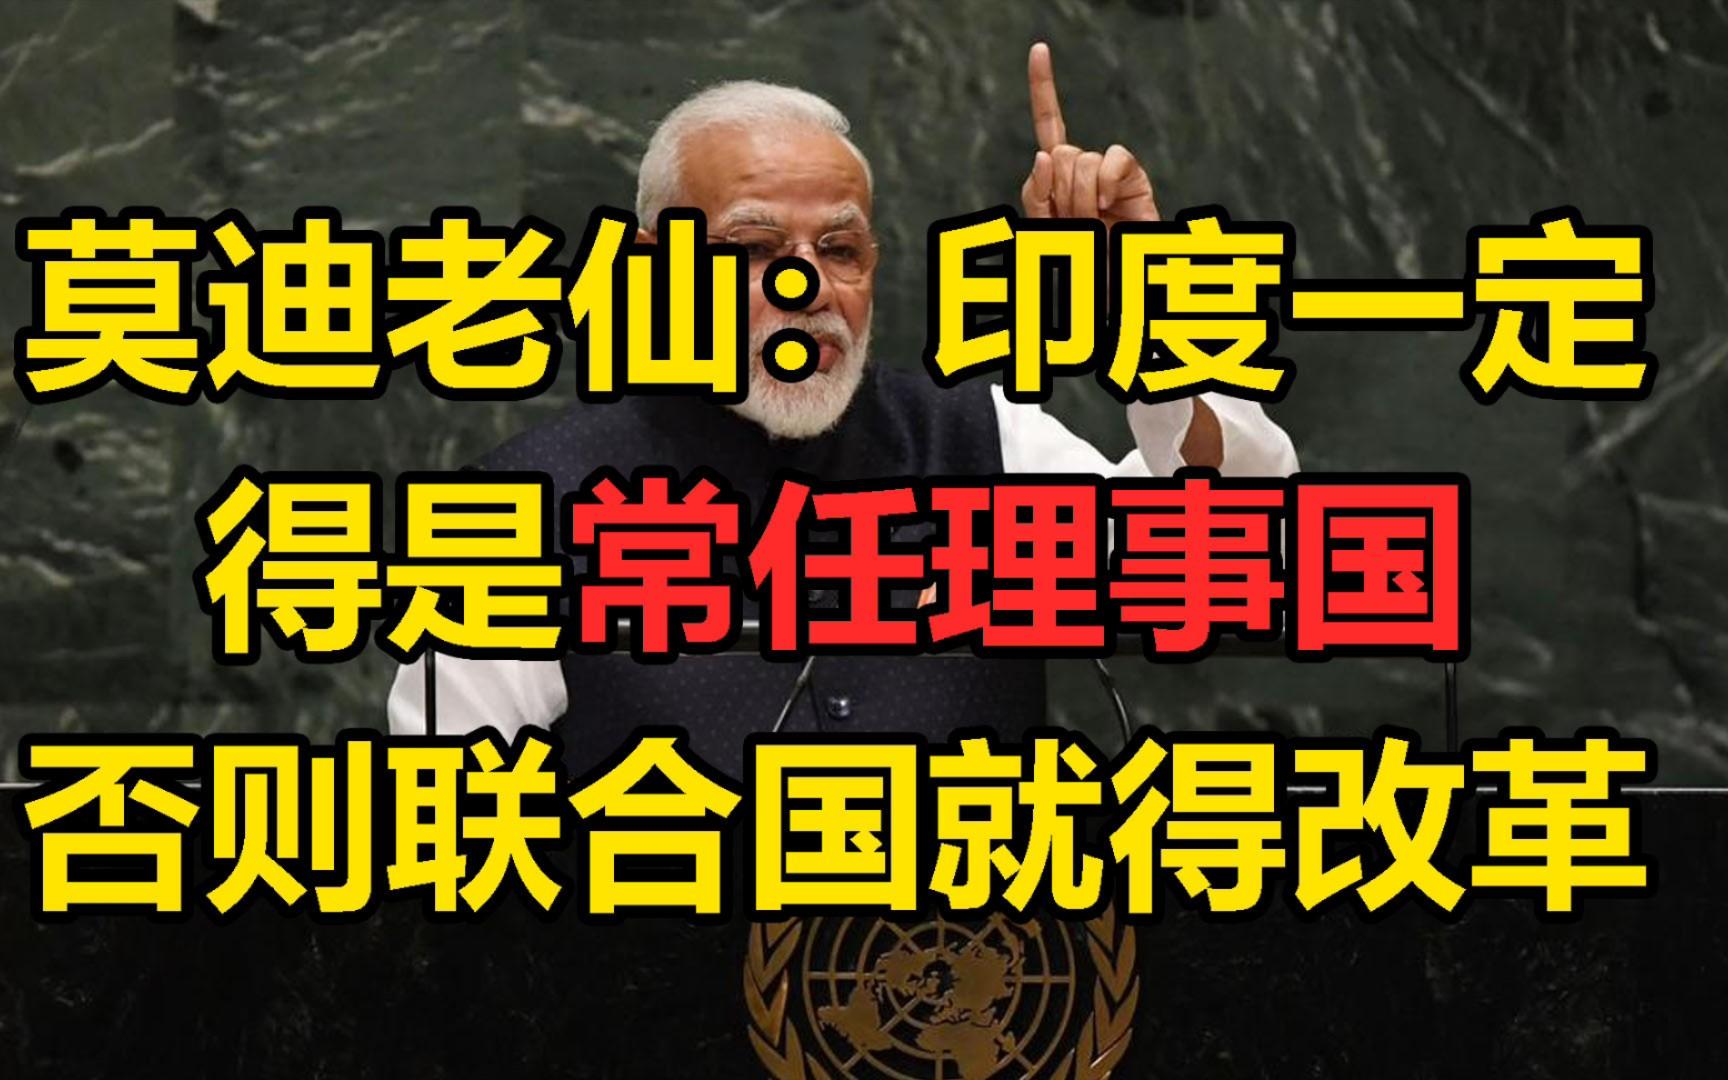 莫迪老仙: 联合国改革首先要做的就是印度得入常